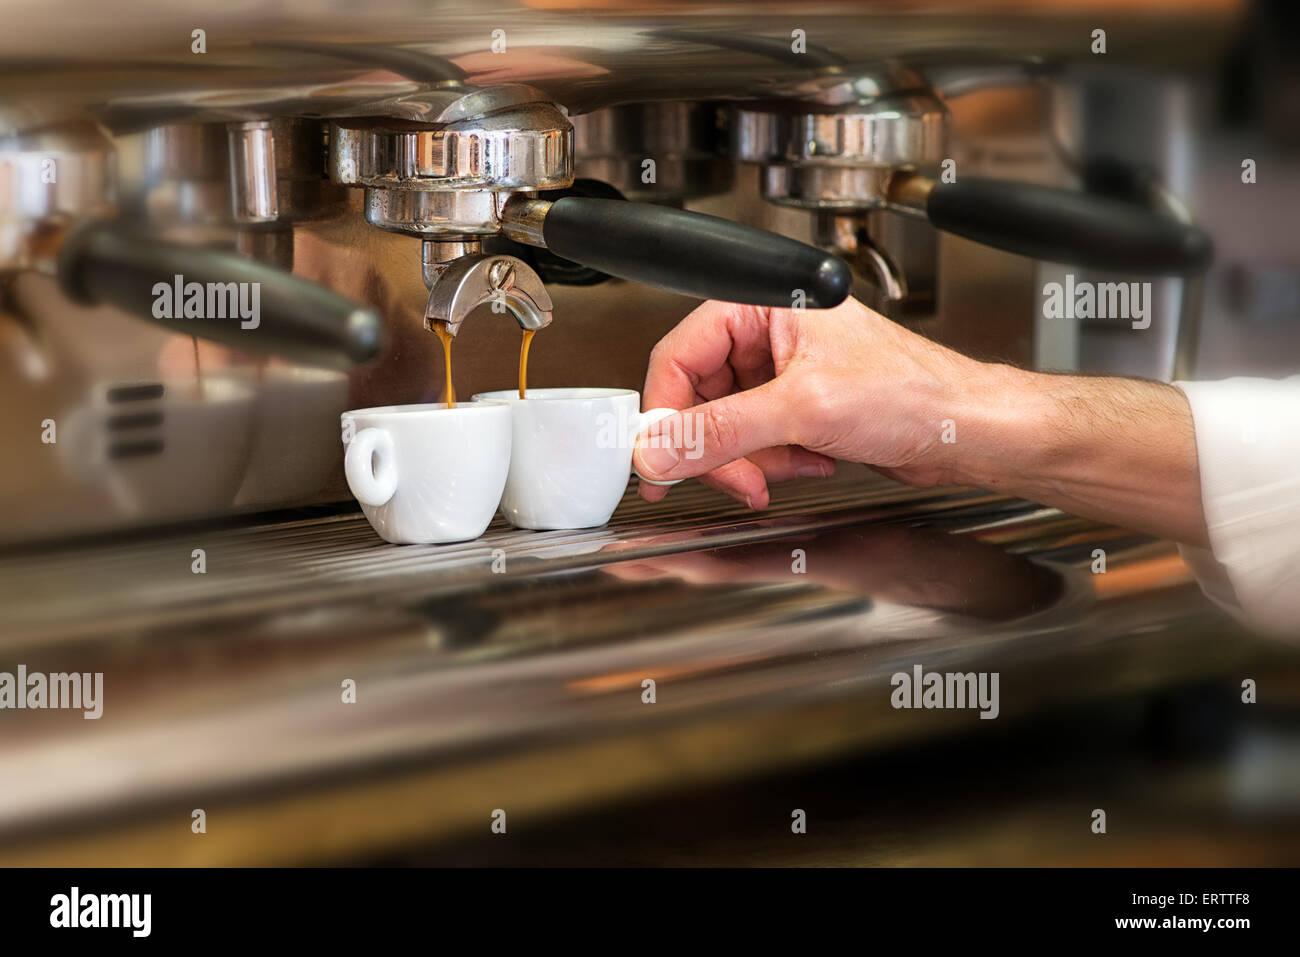 Nahaufnahme der Hand eines Mannes arbeitet in einem Kaffeehaus, die Zubereitung von Espressokaffee Stockbild